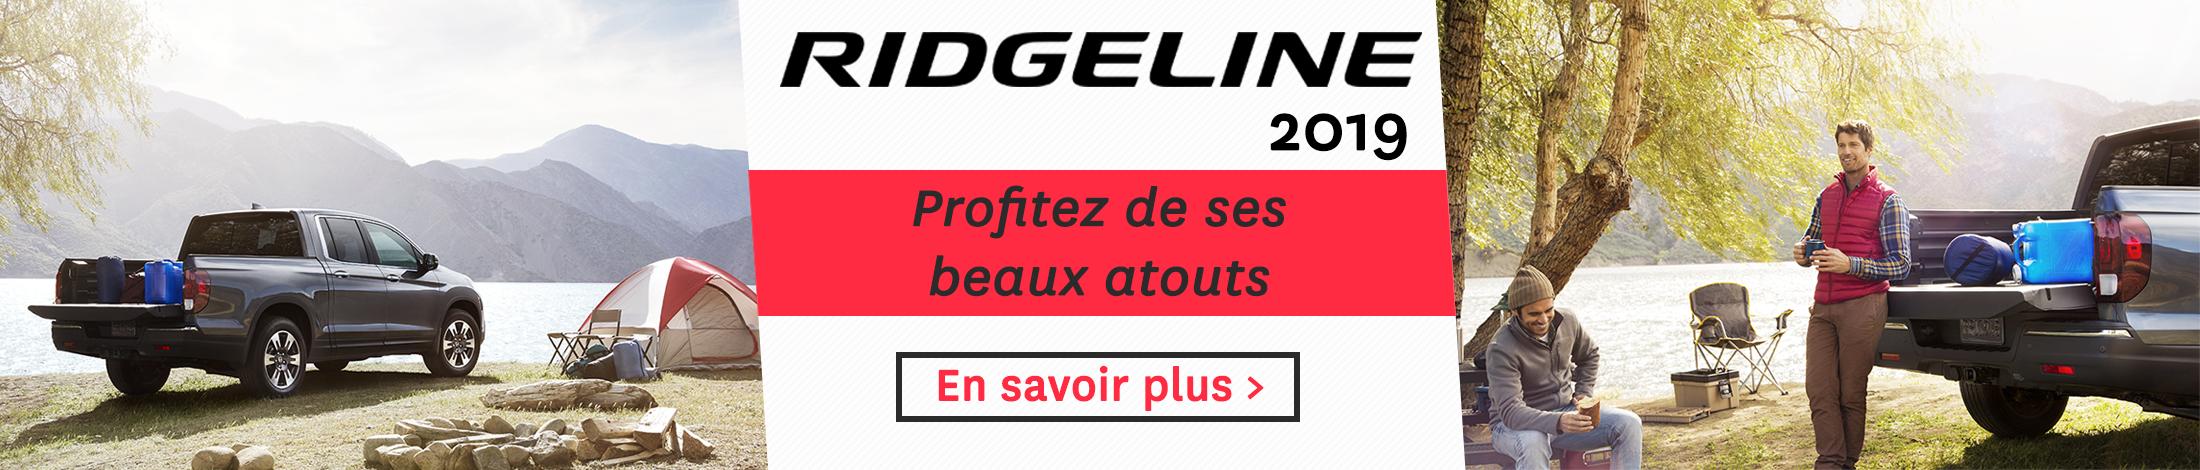 Ridgeline 2019